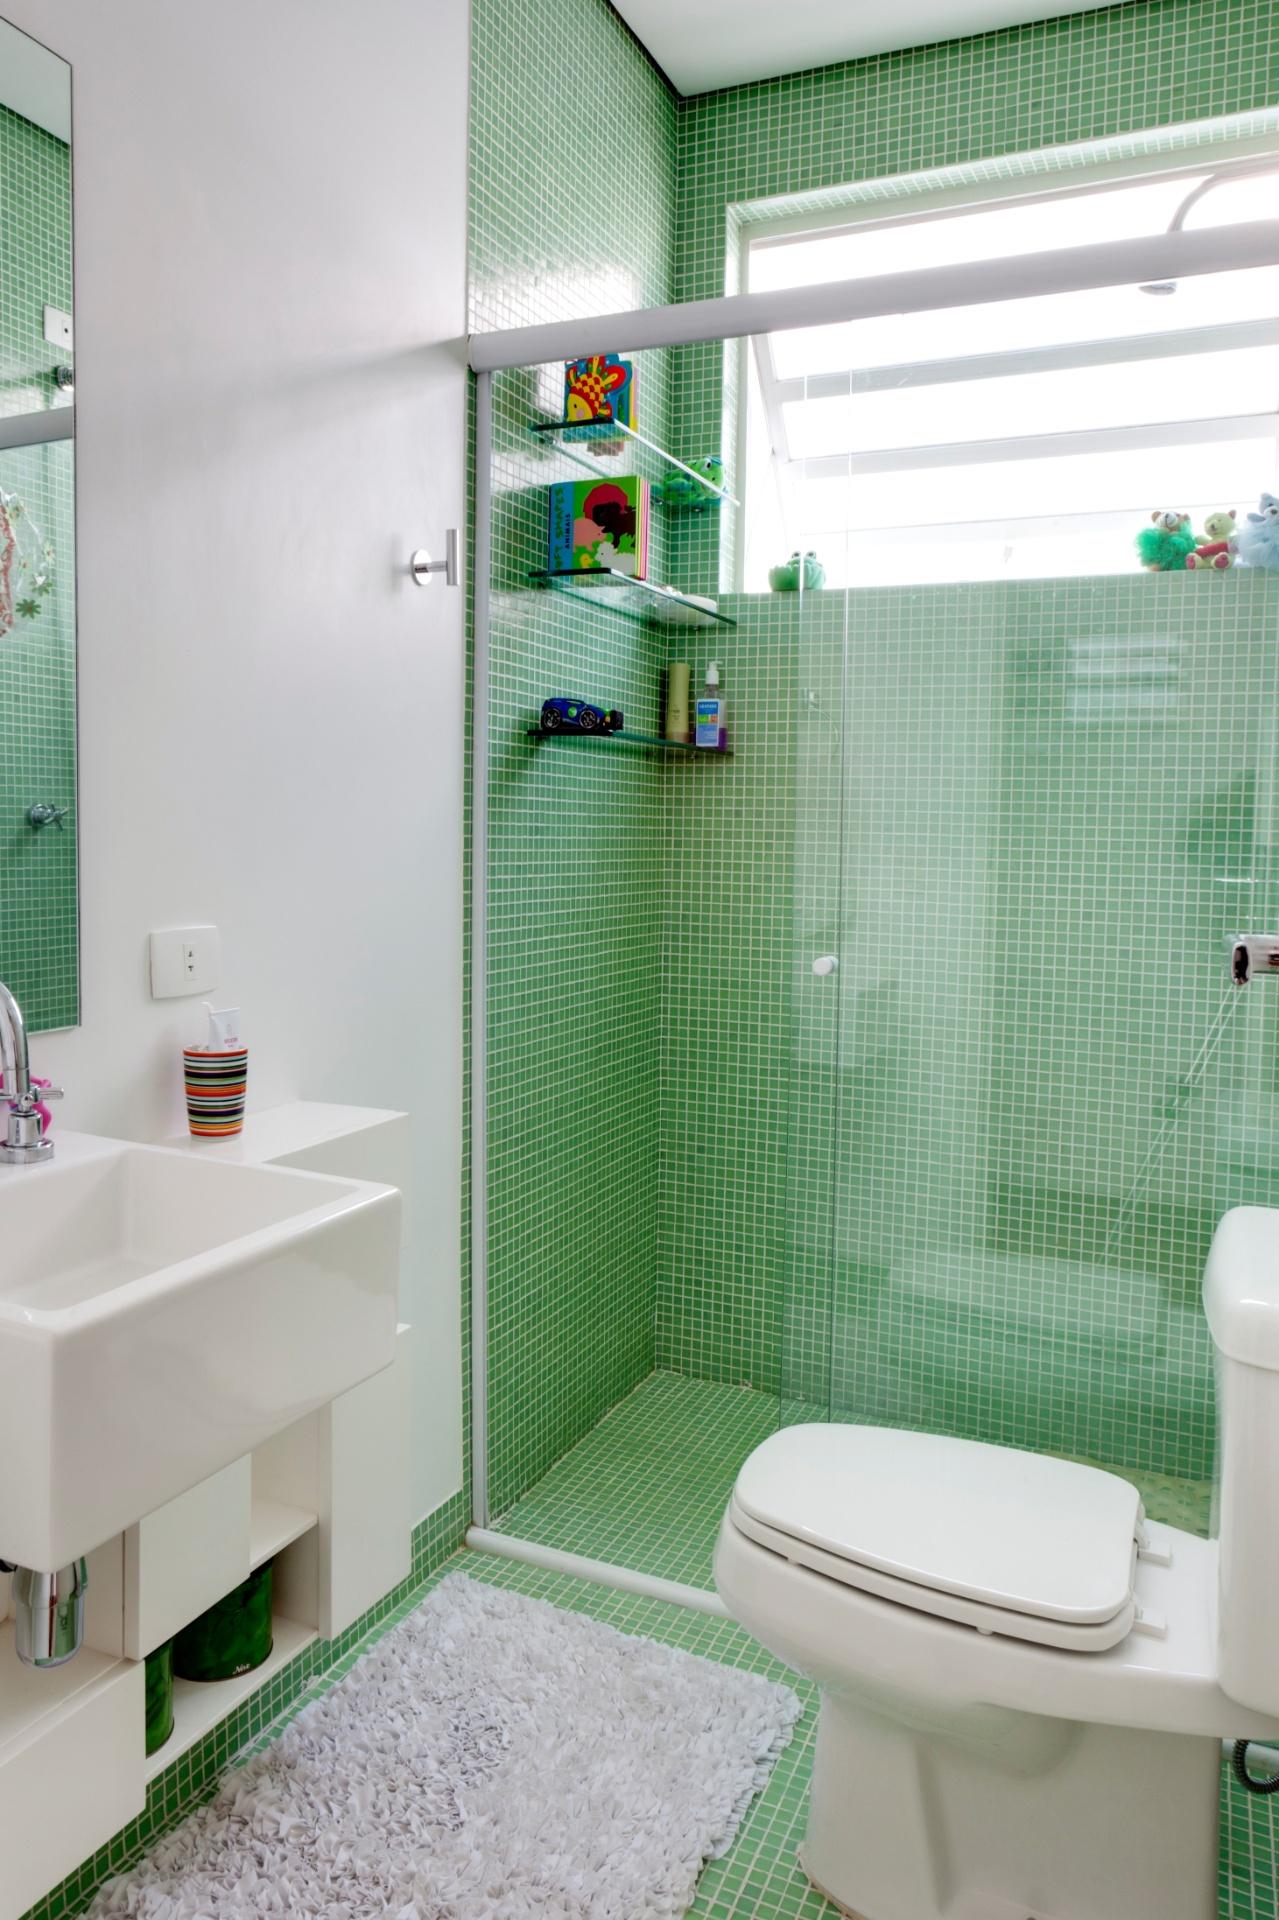 pela arquiteta Graziela Arruda as miúdas pastilhas na cor verde  #1D3418 1279x1920 Banheiro Branco Com Pastilhas Verdes